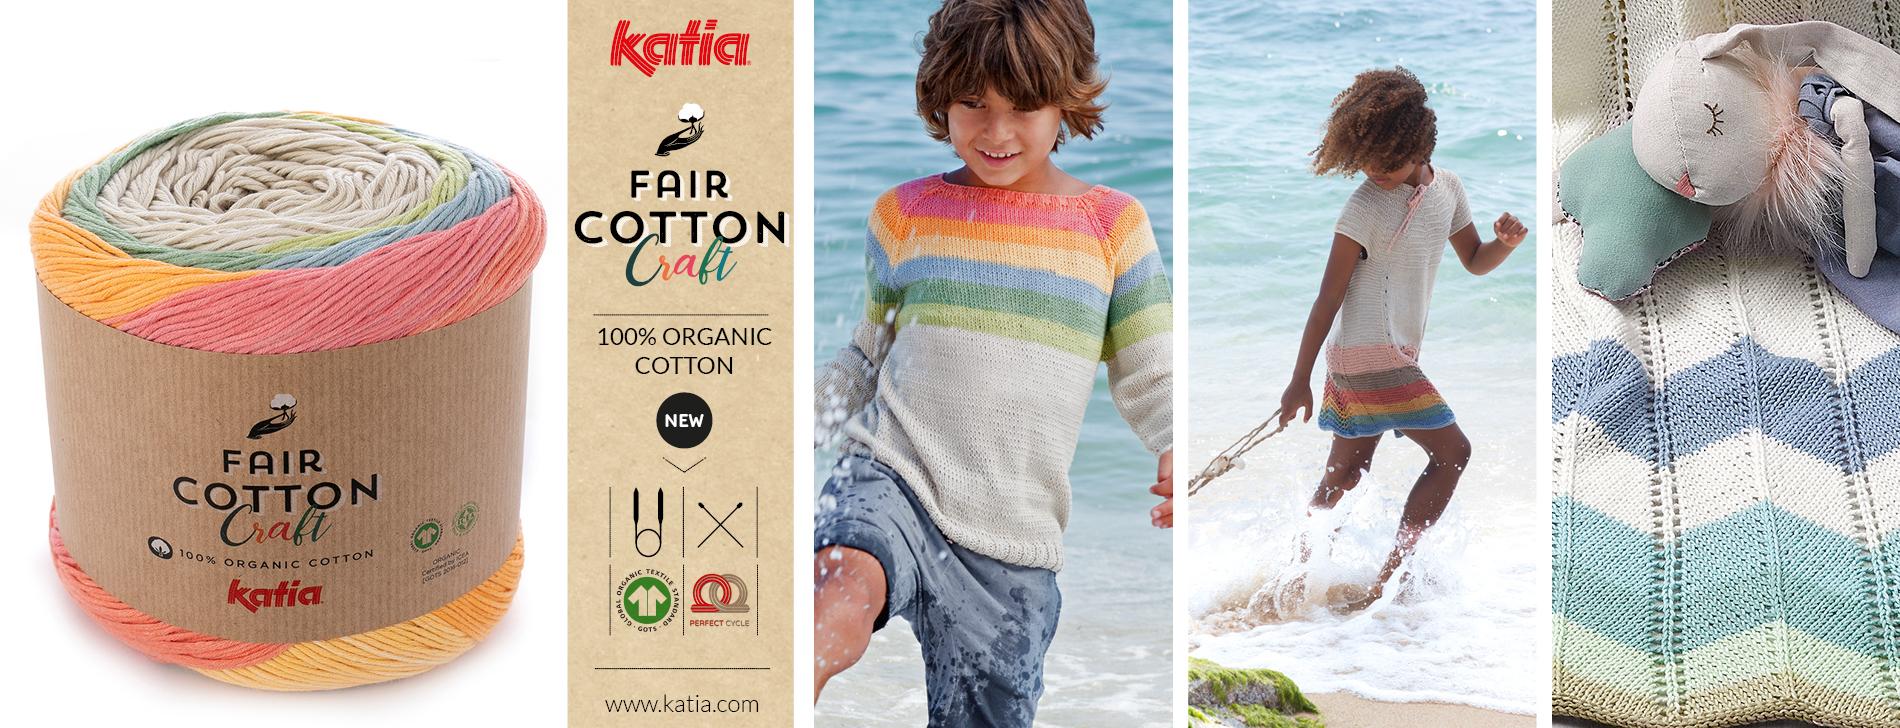 aus-nur-einem-Knäuel-Katia-Fair-Cotton-Craft